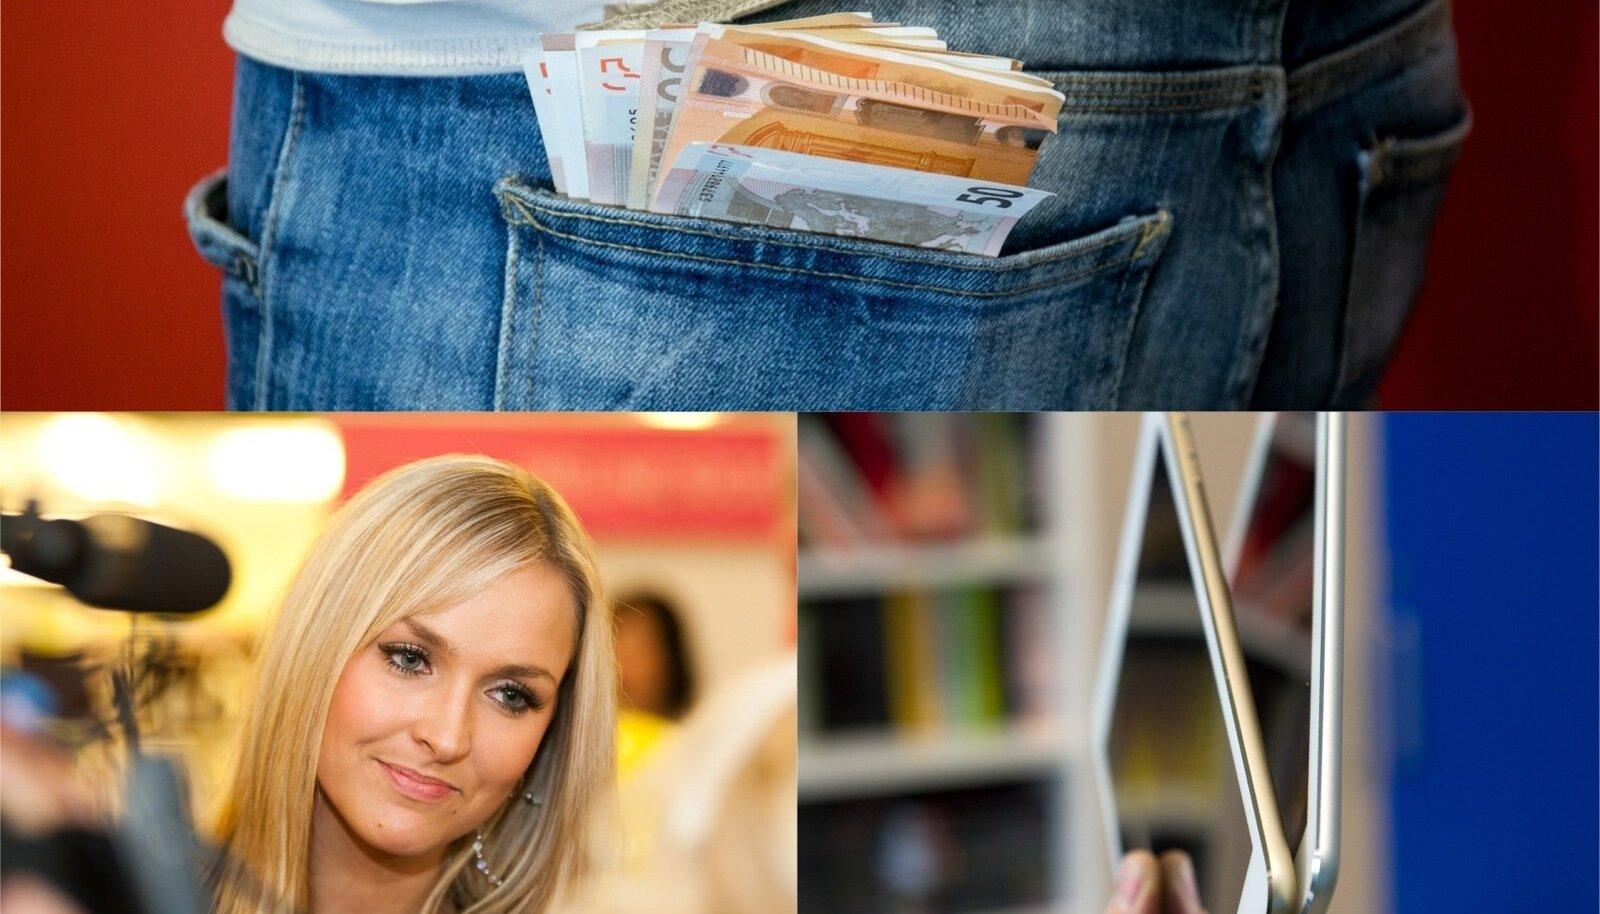 Eesti missi- ja modellimaailma raputanud noorte naiste kupeldamise uurimine lõppes kellelegi süüdistust esitamata